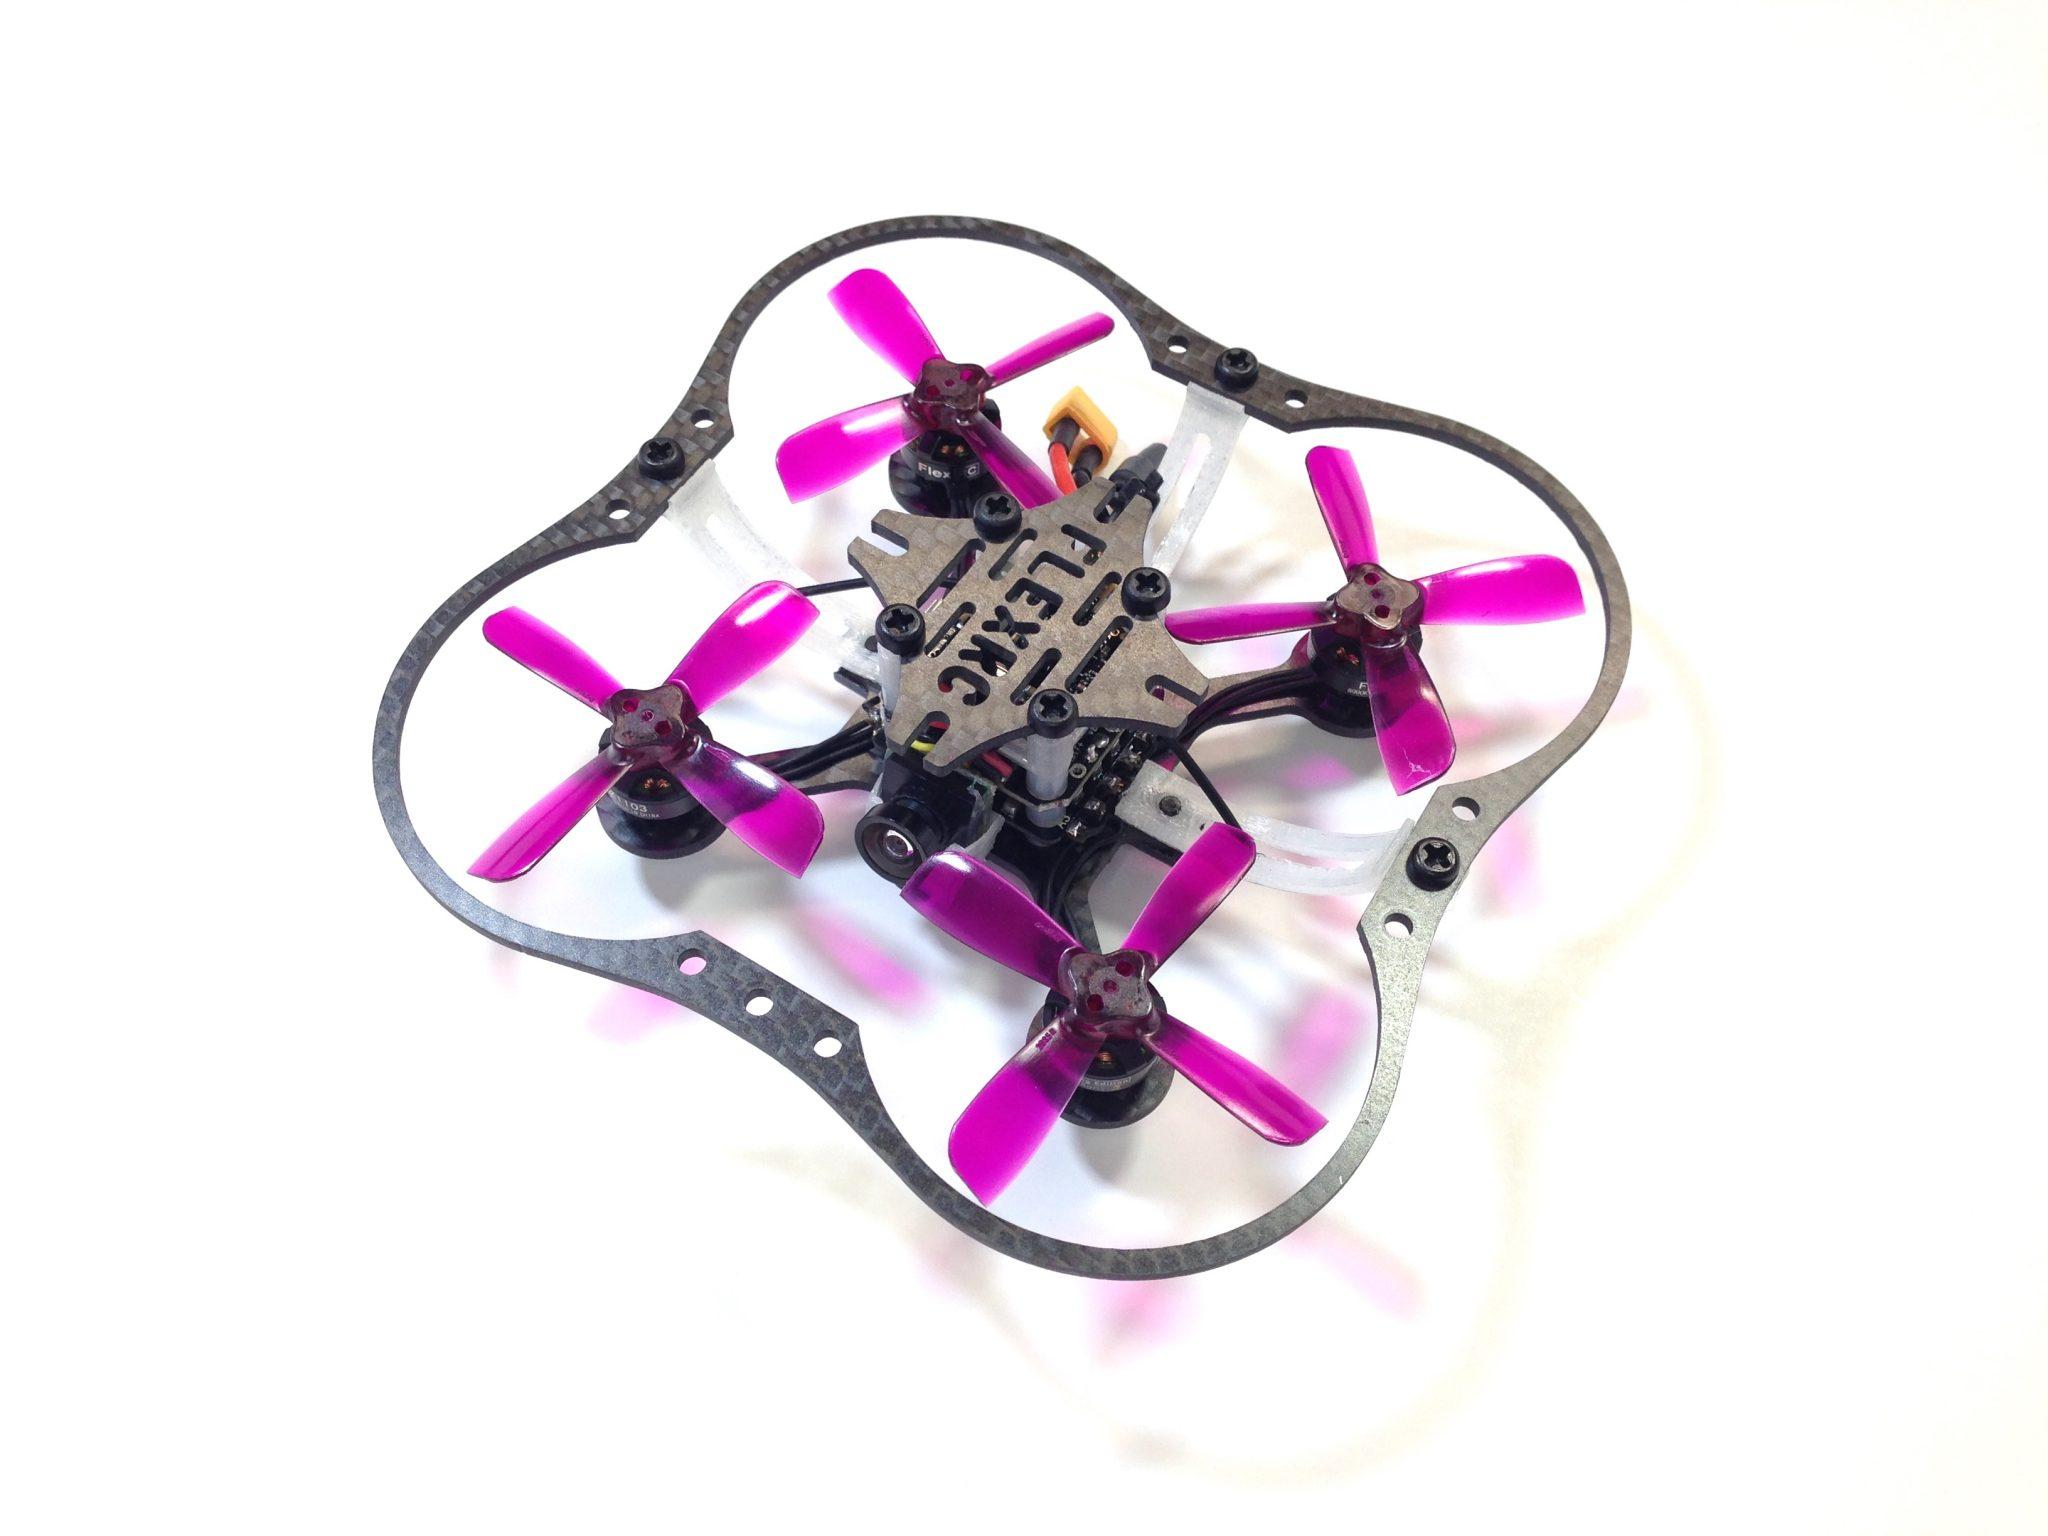 Pico X - FPV Racing Drone Frame